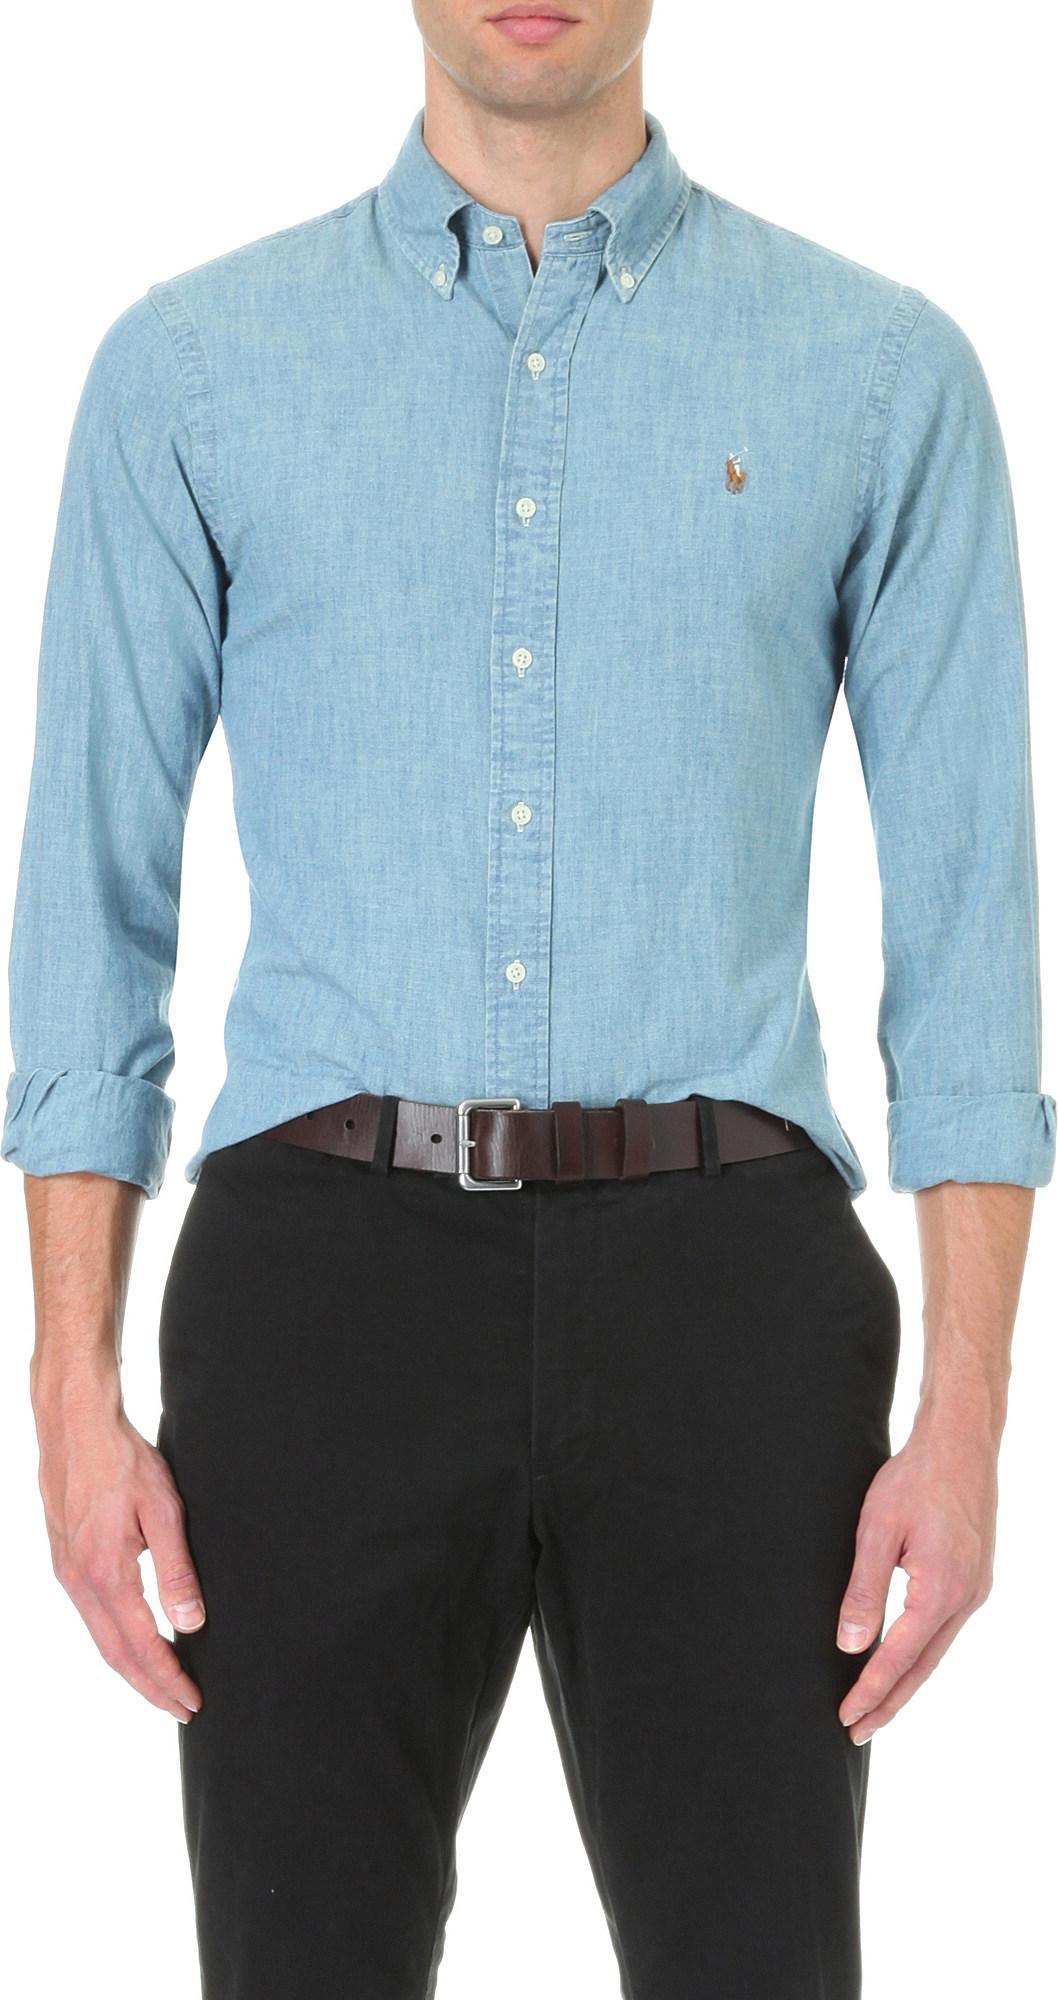 9dd2035aed Lyst - Polo Ralph Lauren Slim-fit Single-cuff Denim Shirt in Blue ...